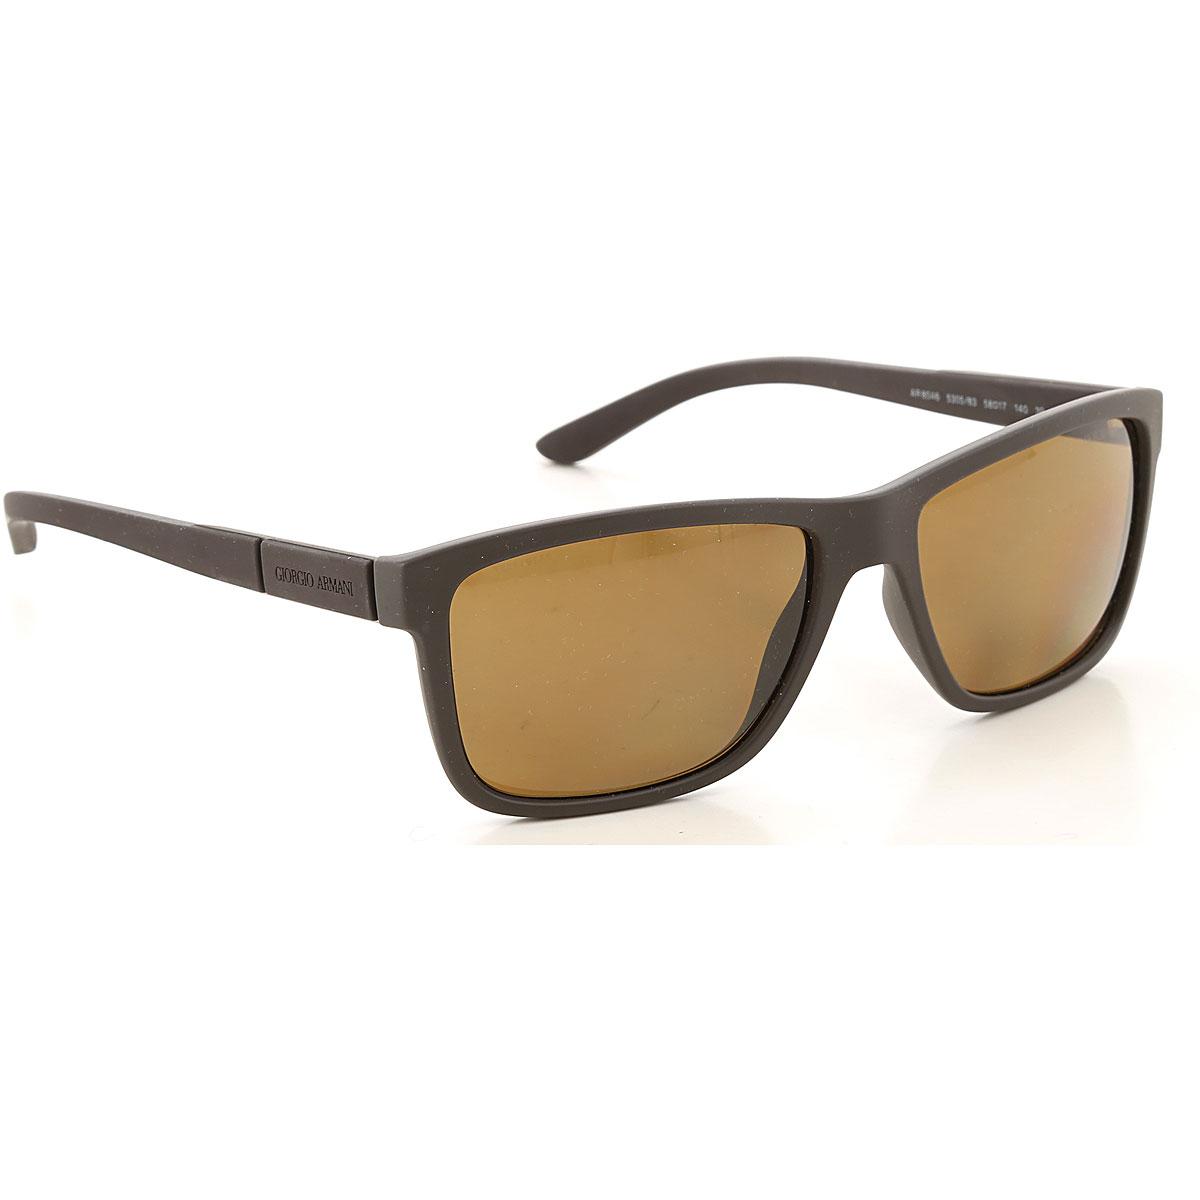 Giorgio Armani Sunglasses On Sale, Brown, 2019